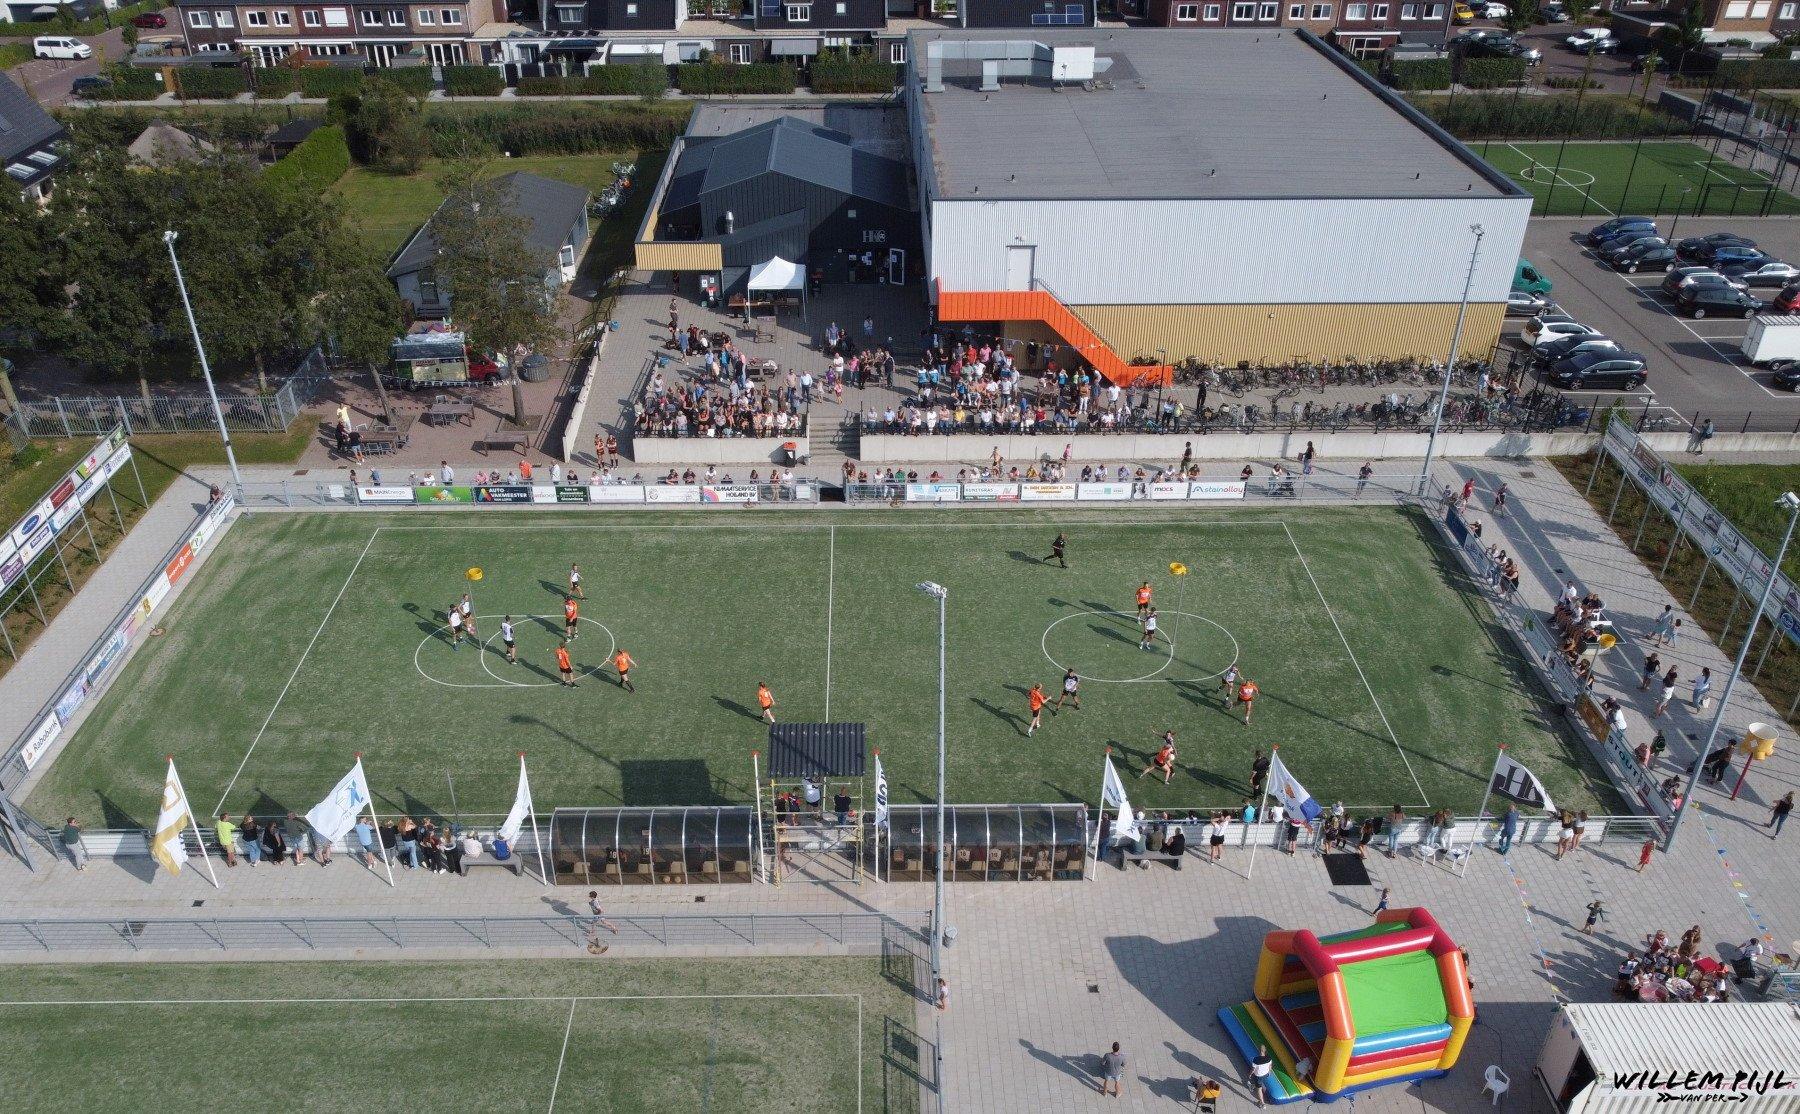 Sportvelden Tiendweg & sporthal Het Dok